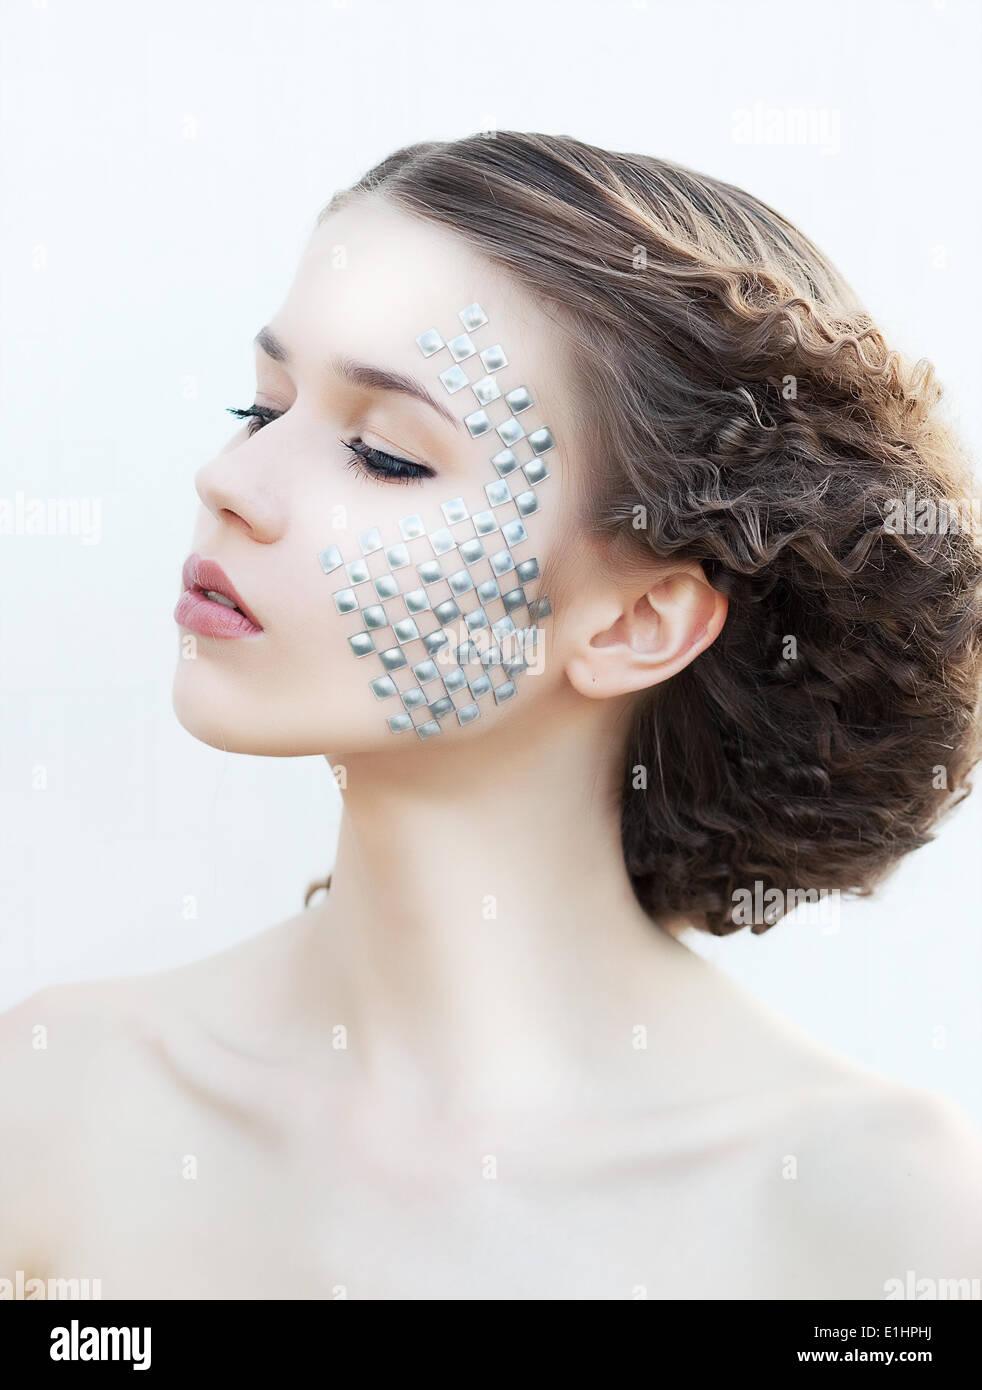 Bella ragazza giovane faccia. Una pelle perfetta concetto. Arte per il make-up. Bellezze naturali Immagini Stock